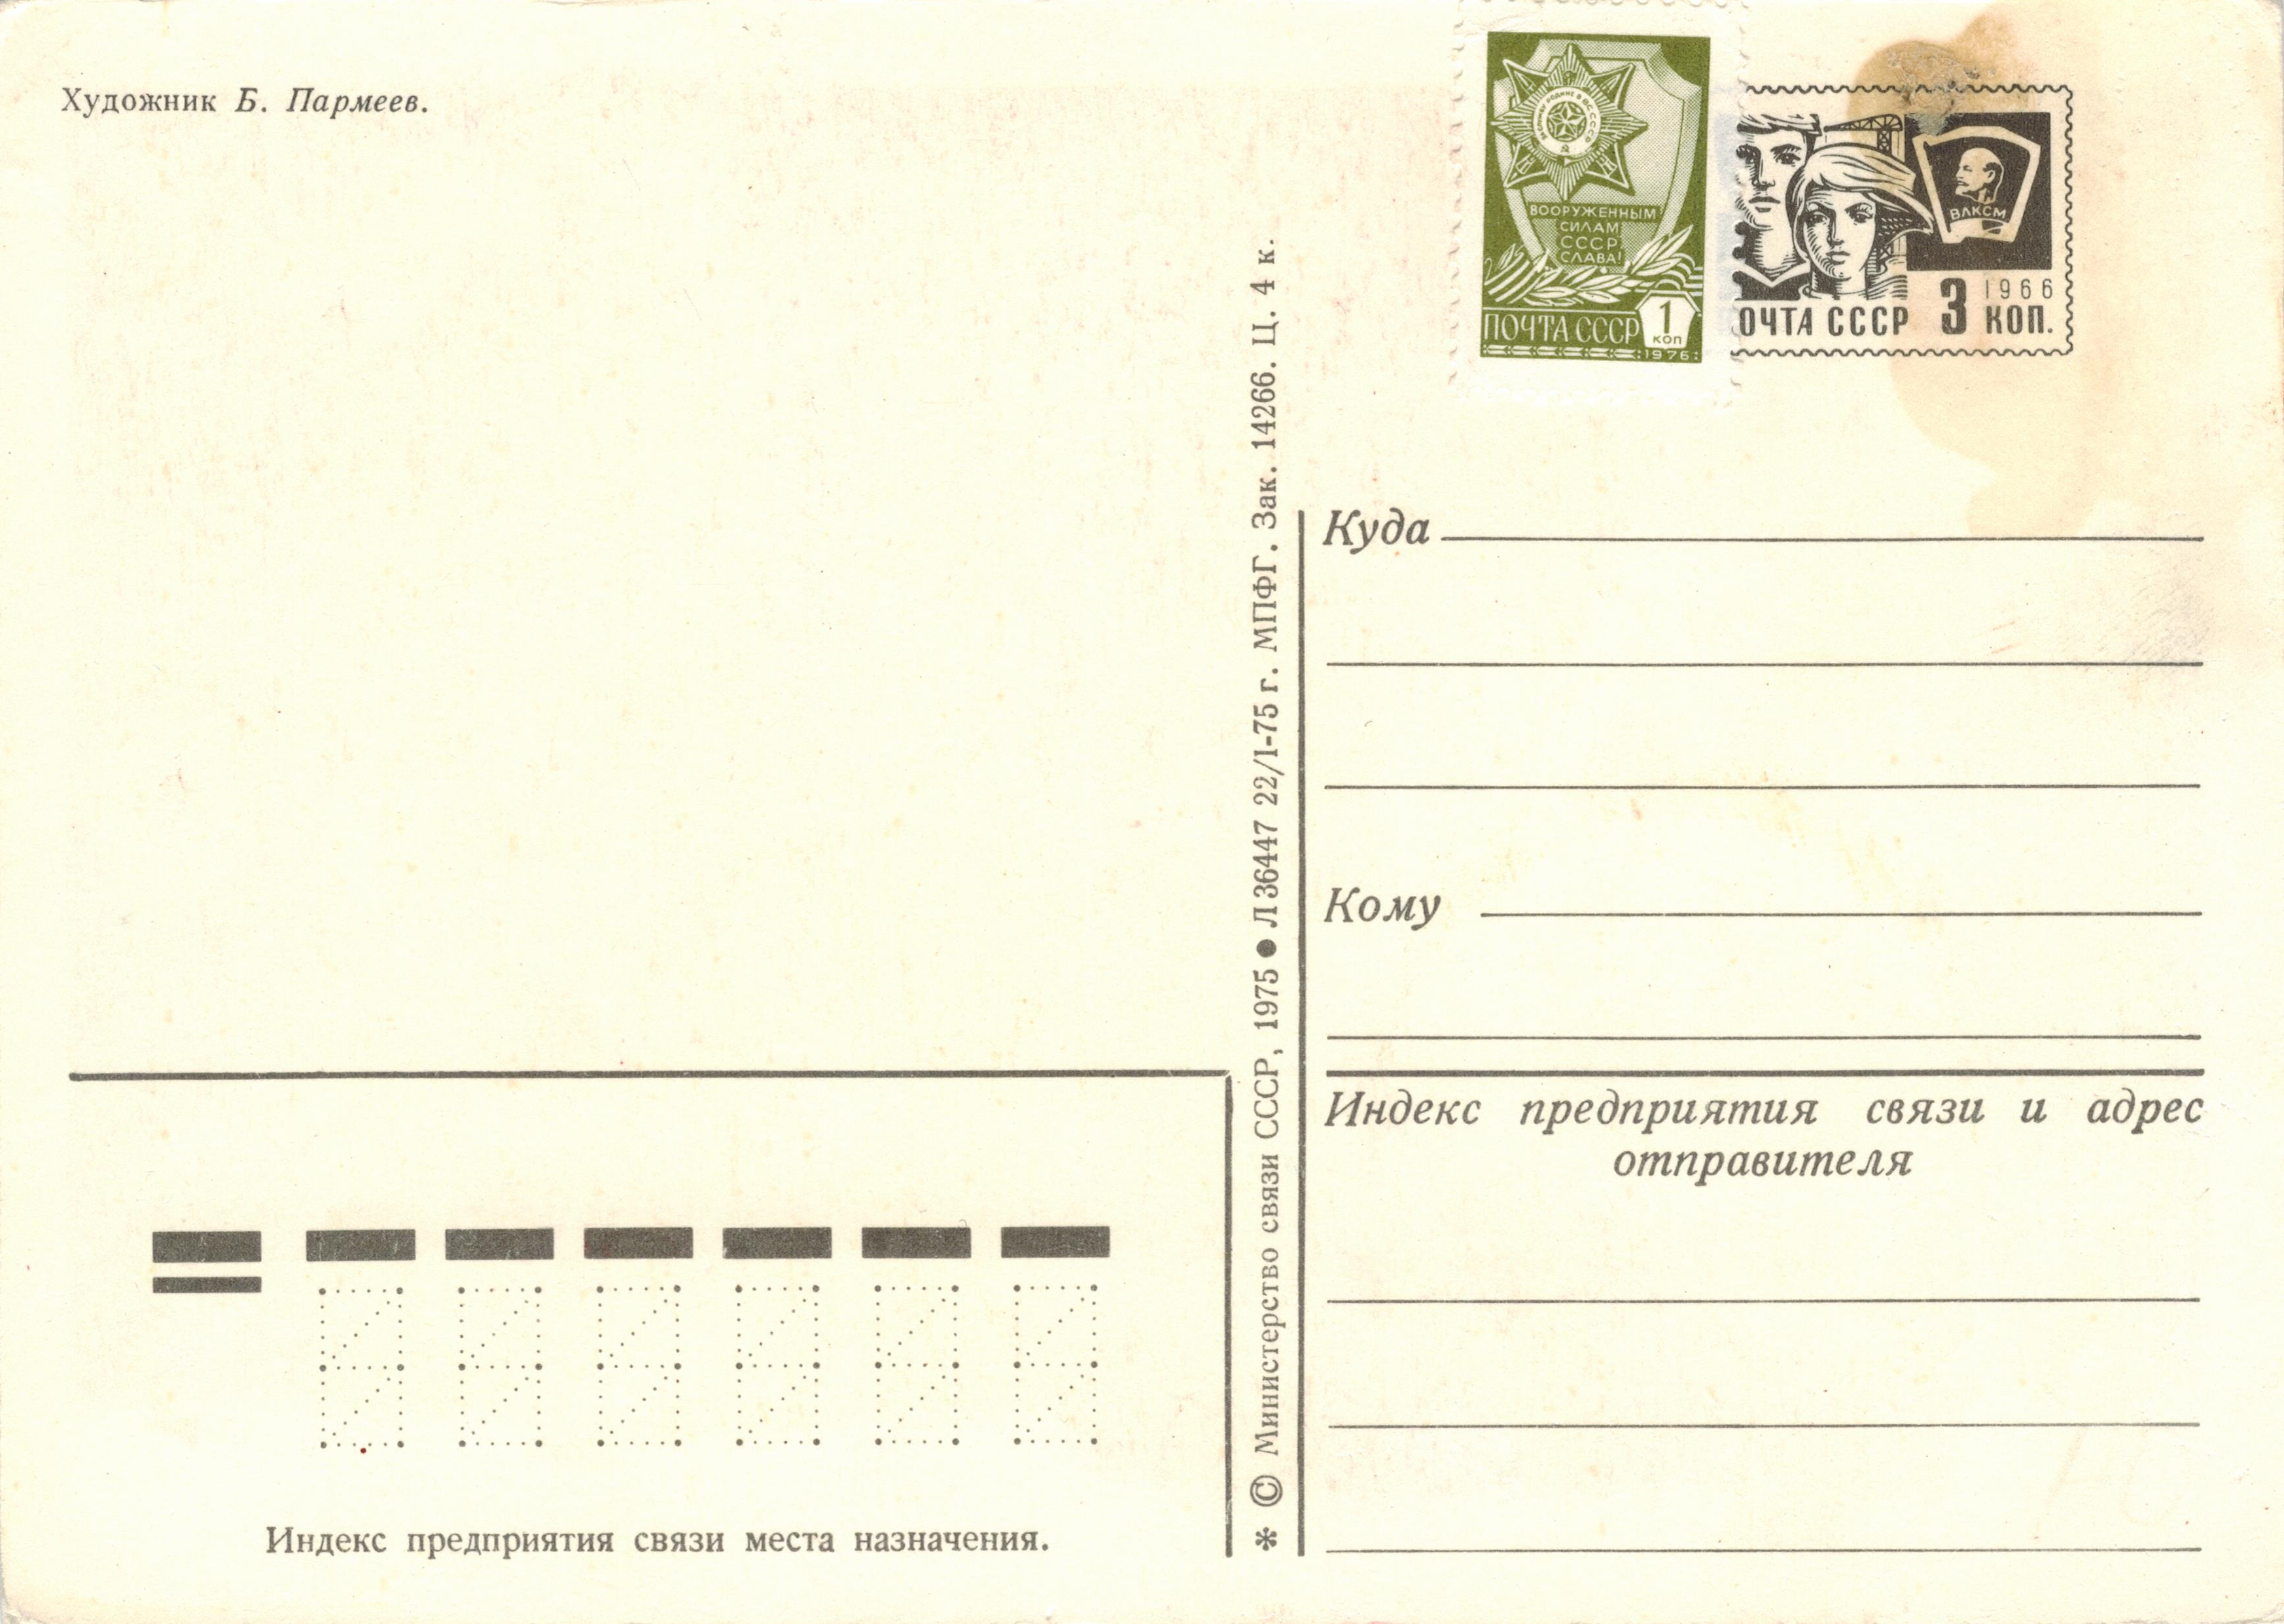 статьи почтовая открытка каталоге использованы